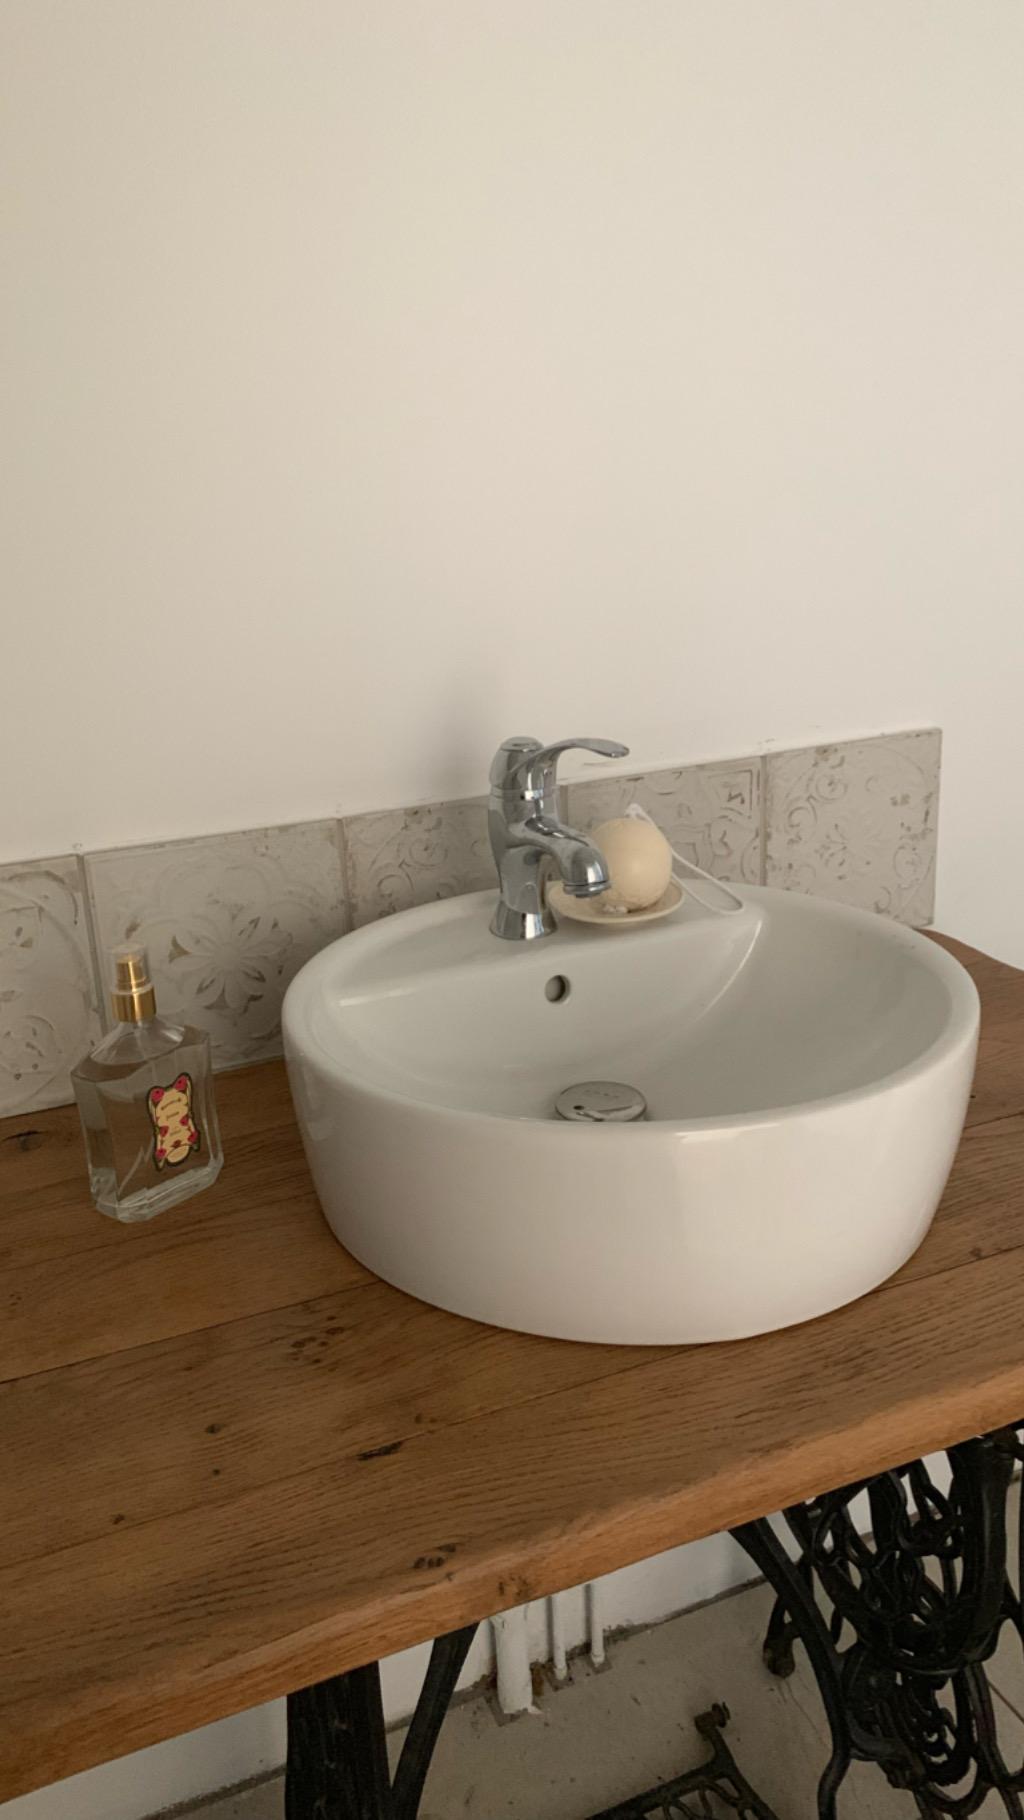 Cacher Trou Carrelage Salle De Bain les papotages de nana la salle de bains (avant/ après)